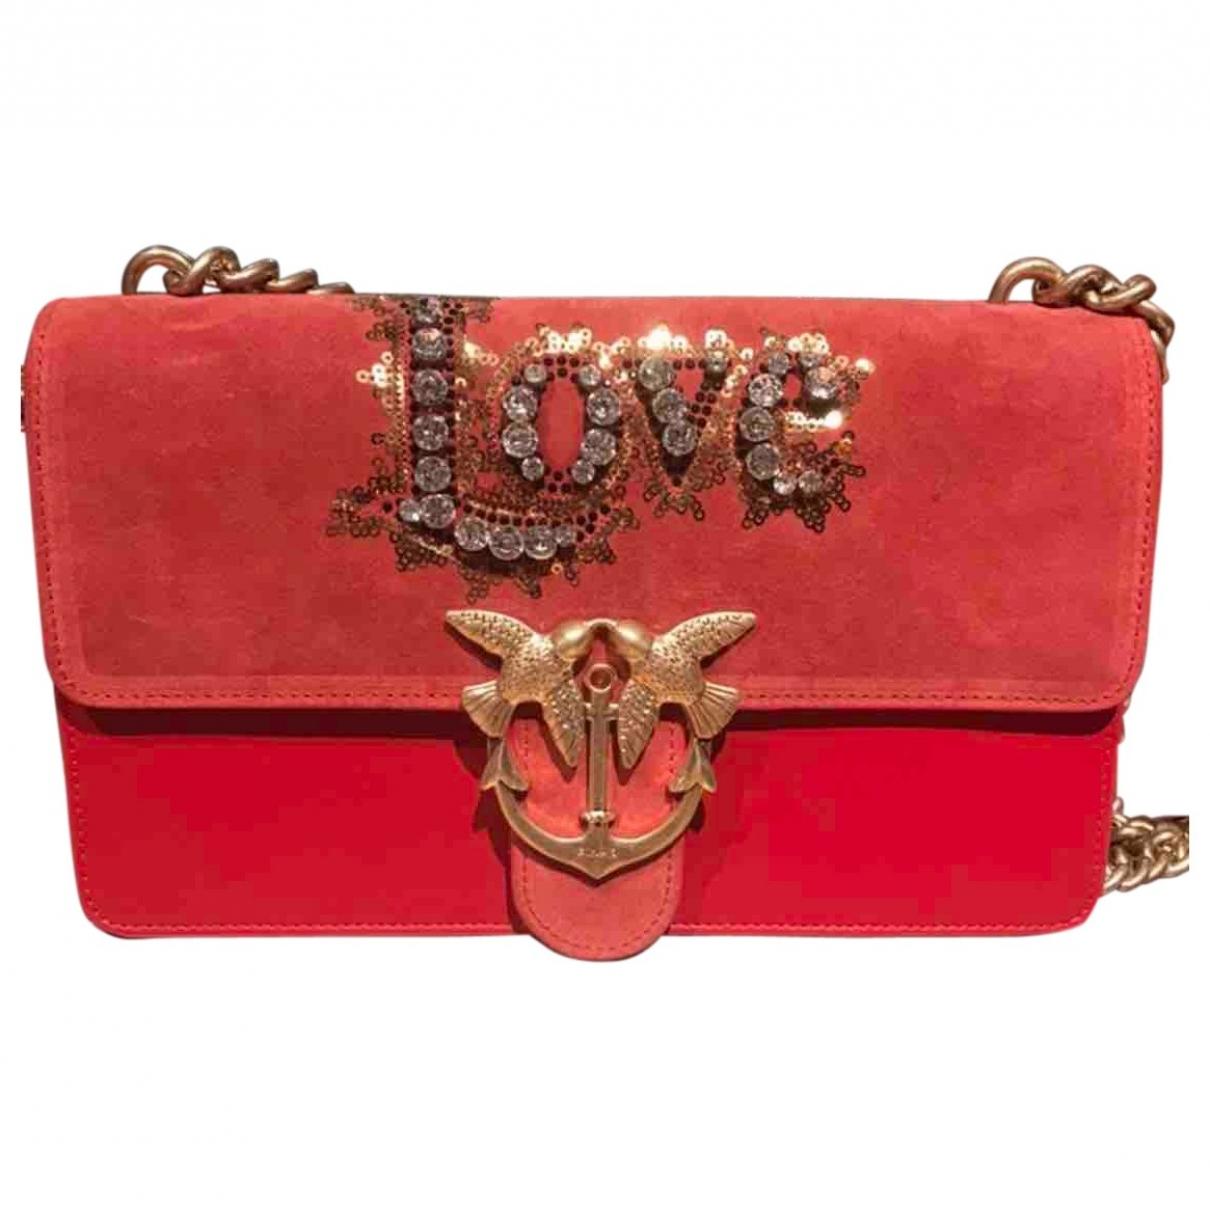 Bolsos clutch Love Bag en Ante Rojo Pinko